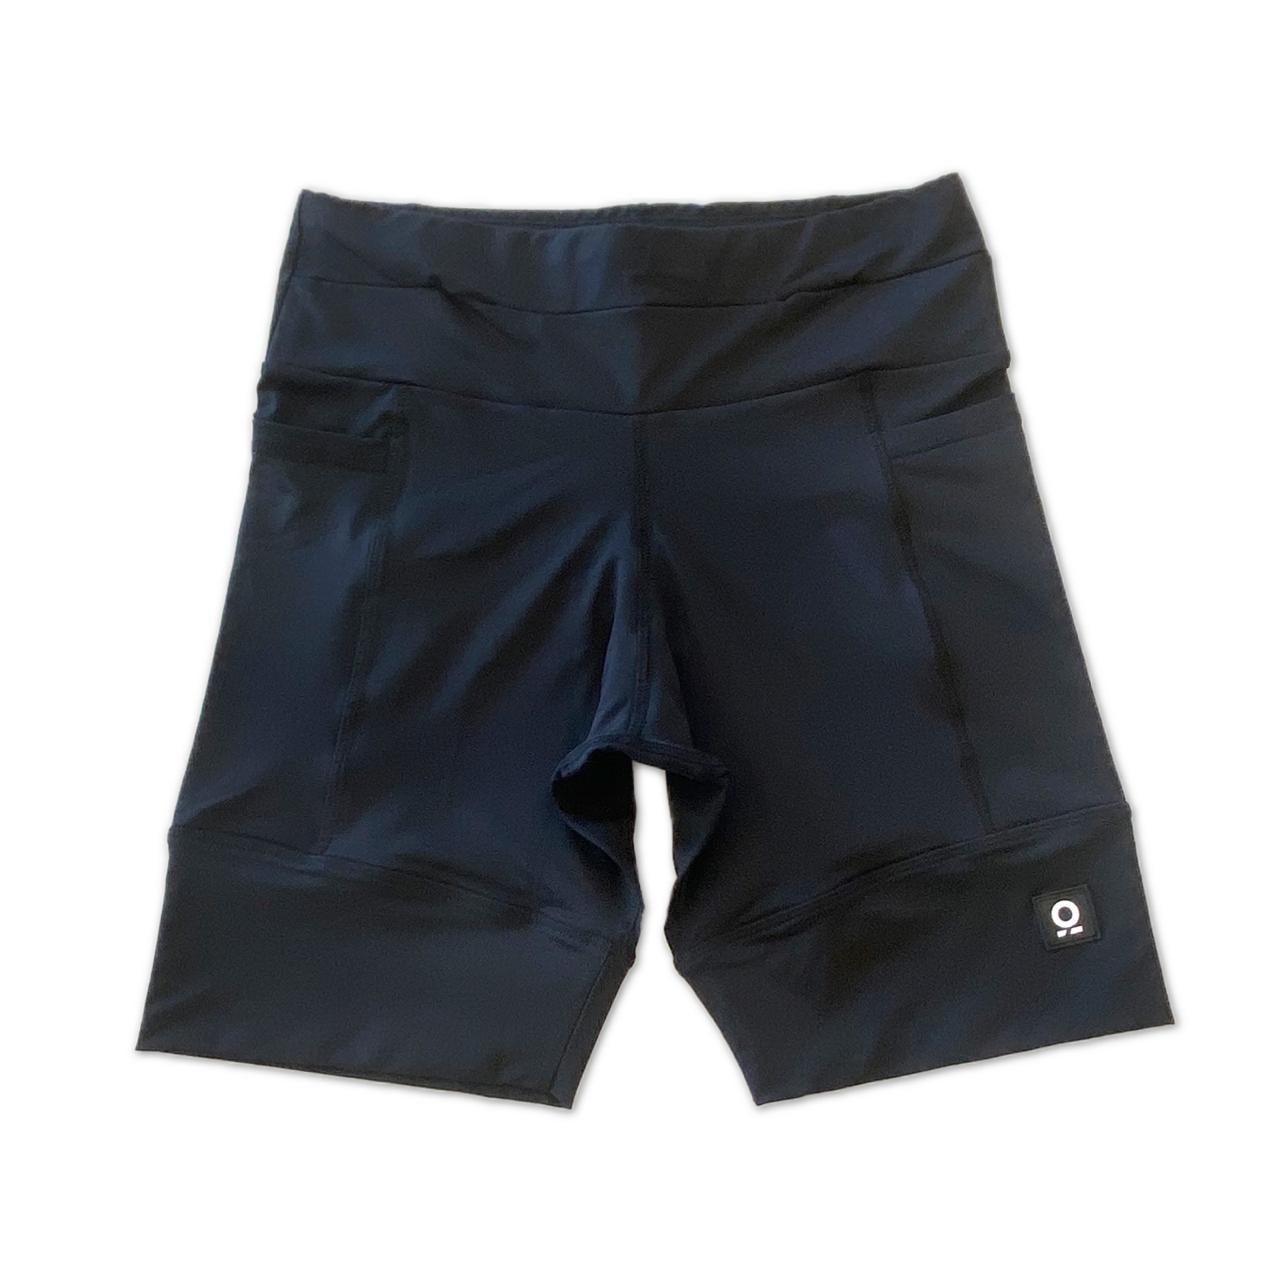 Bermuda de compressão masculina - unissex 1500 bolsos quadrados em sportiva preta  - Vivian Bógus